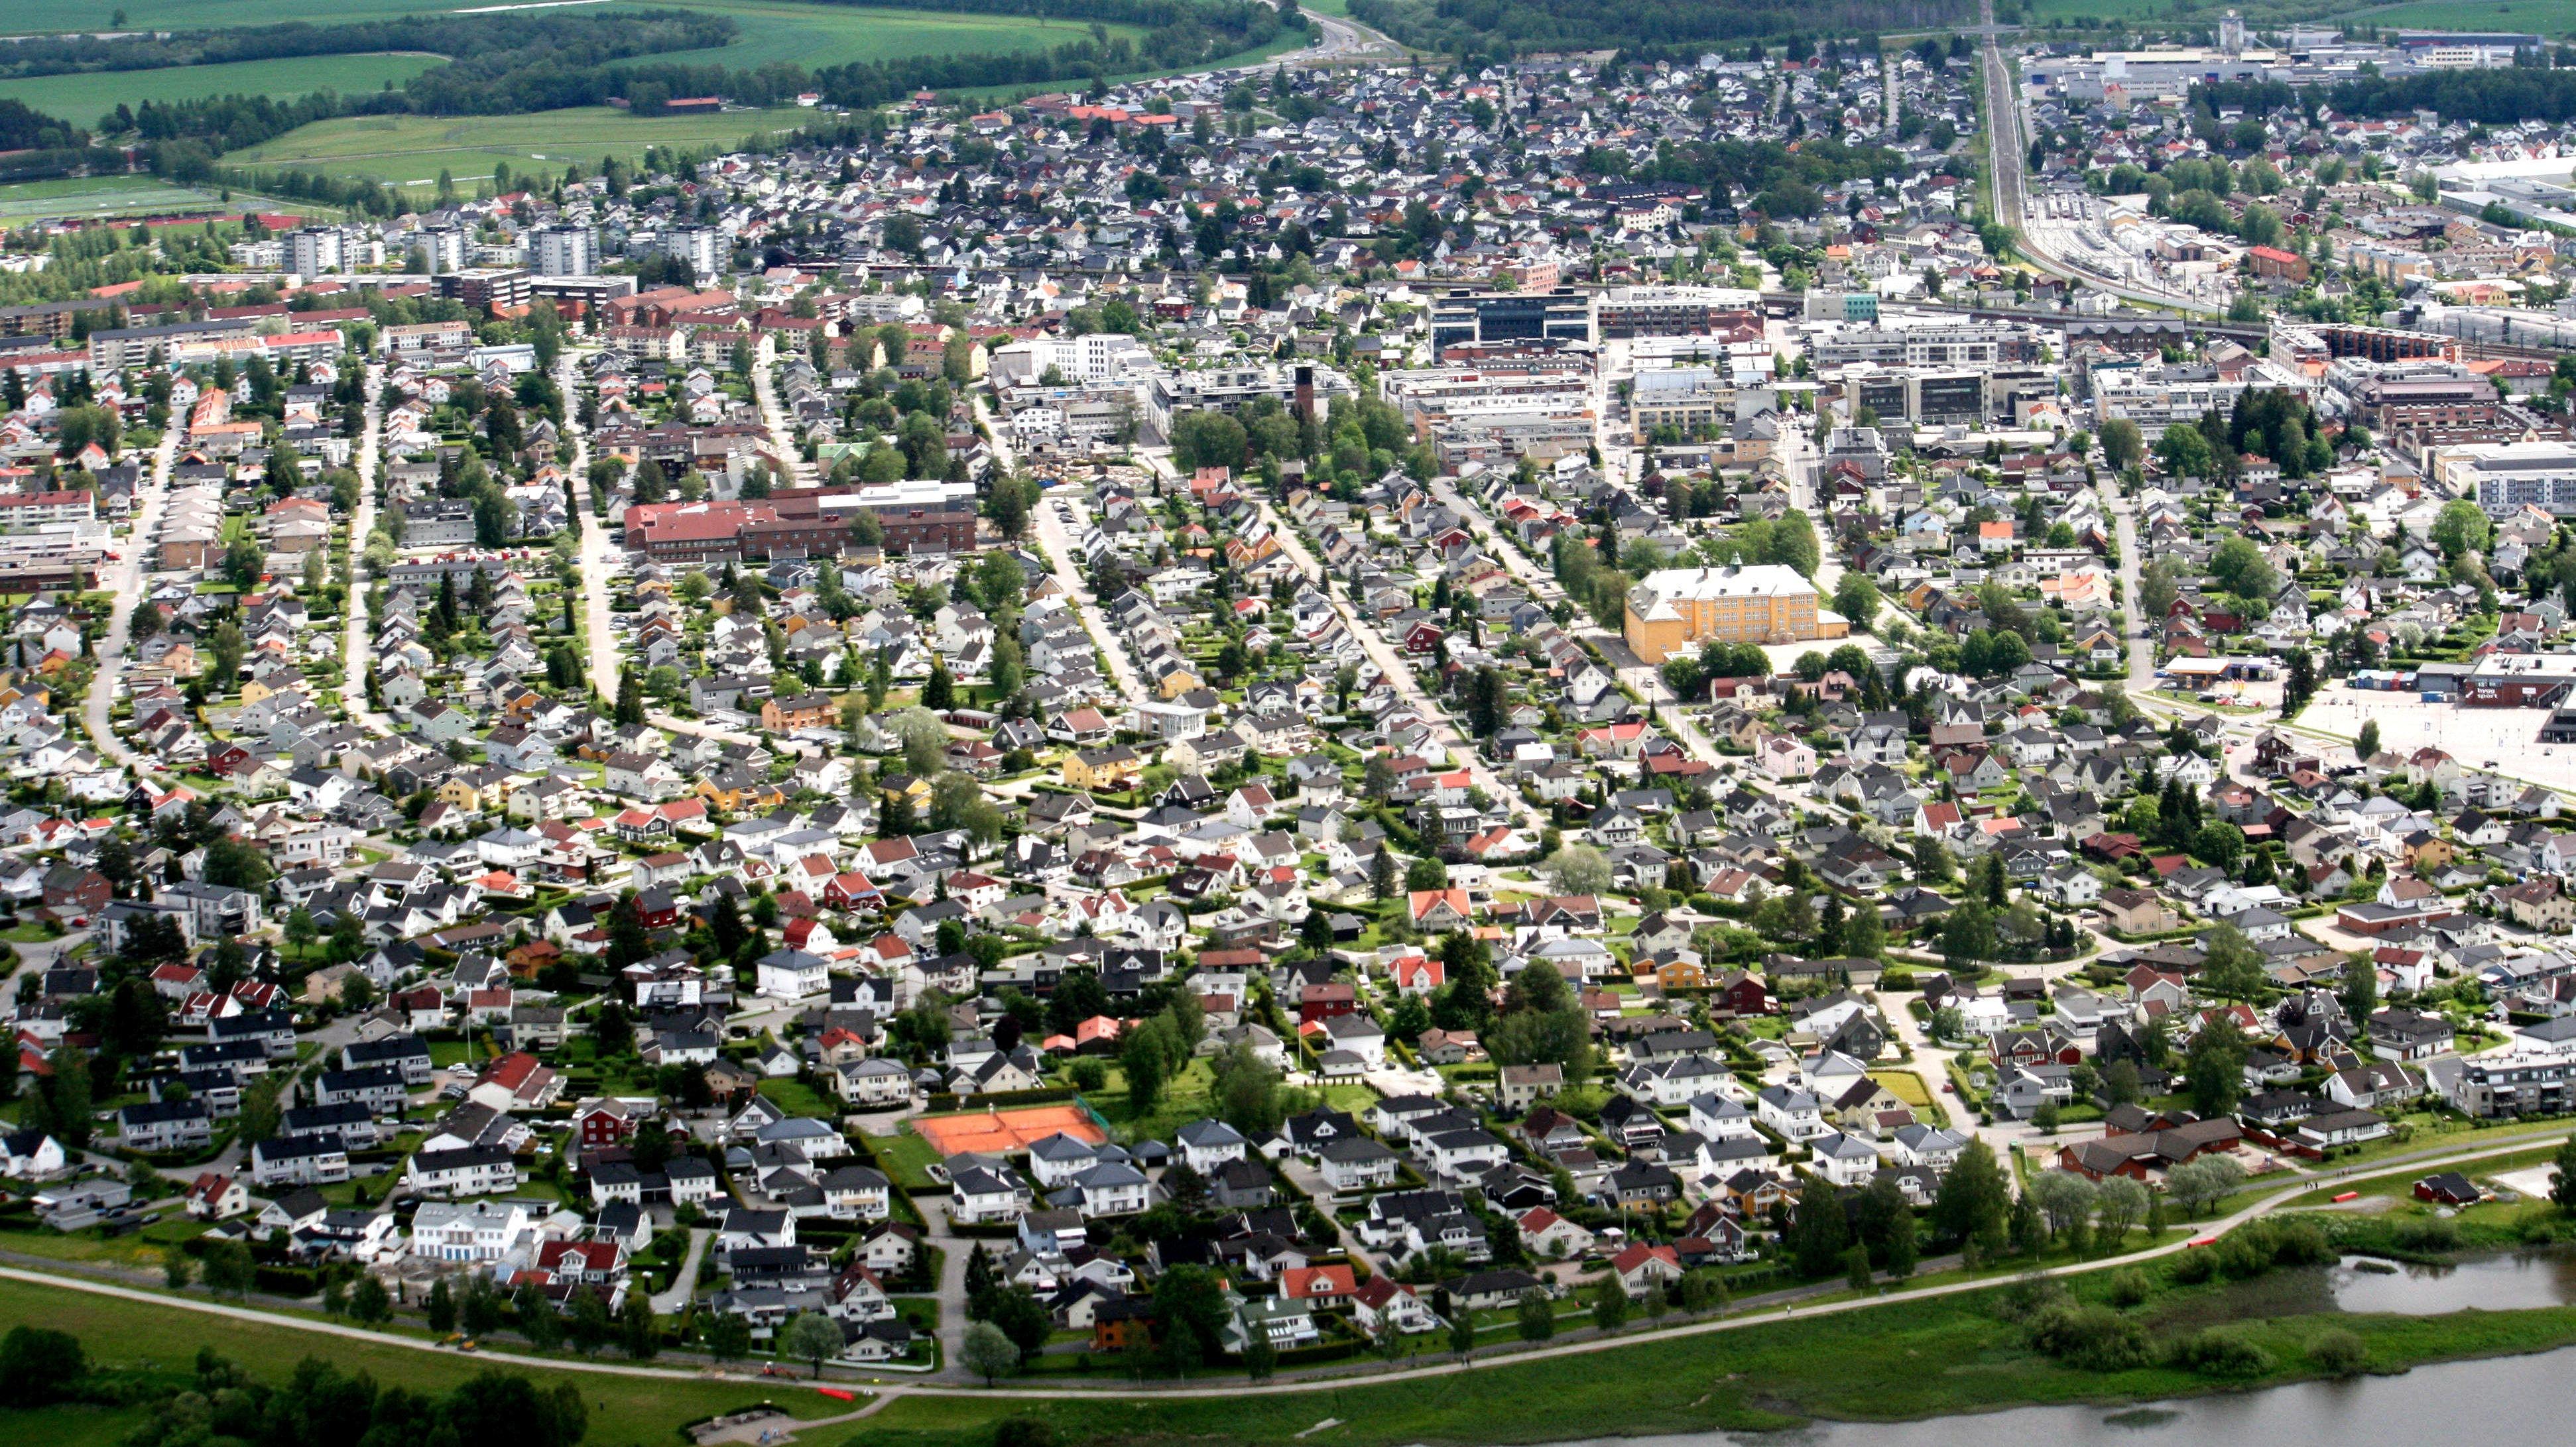 FRILYNT FOLK: Lillestrøm er «hovedstaden» i Skedsmo. Her bor drøyt 12.000 av kommunens rundt 50.000 innbyggere.